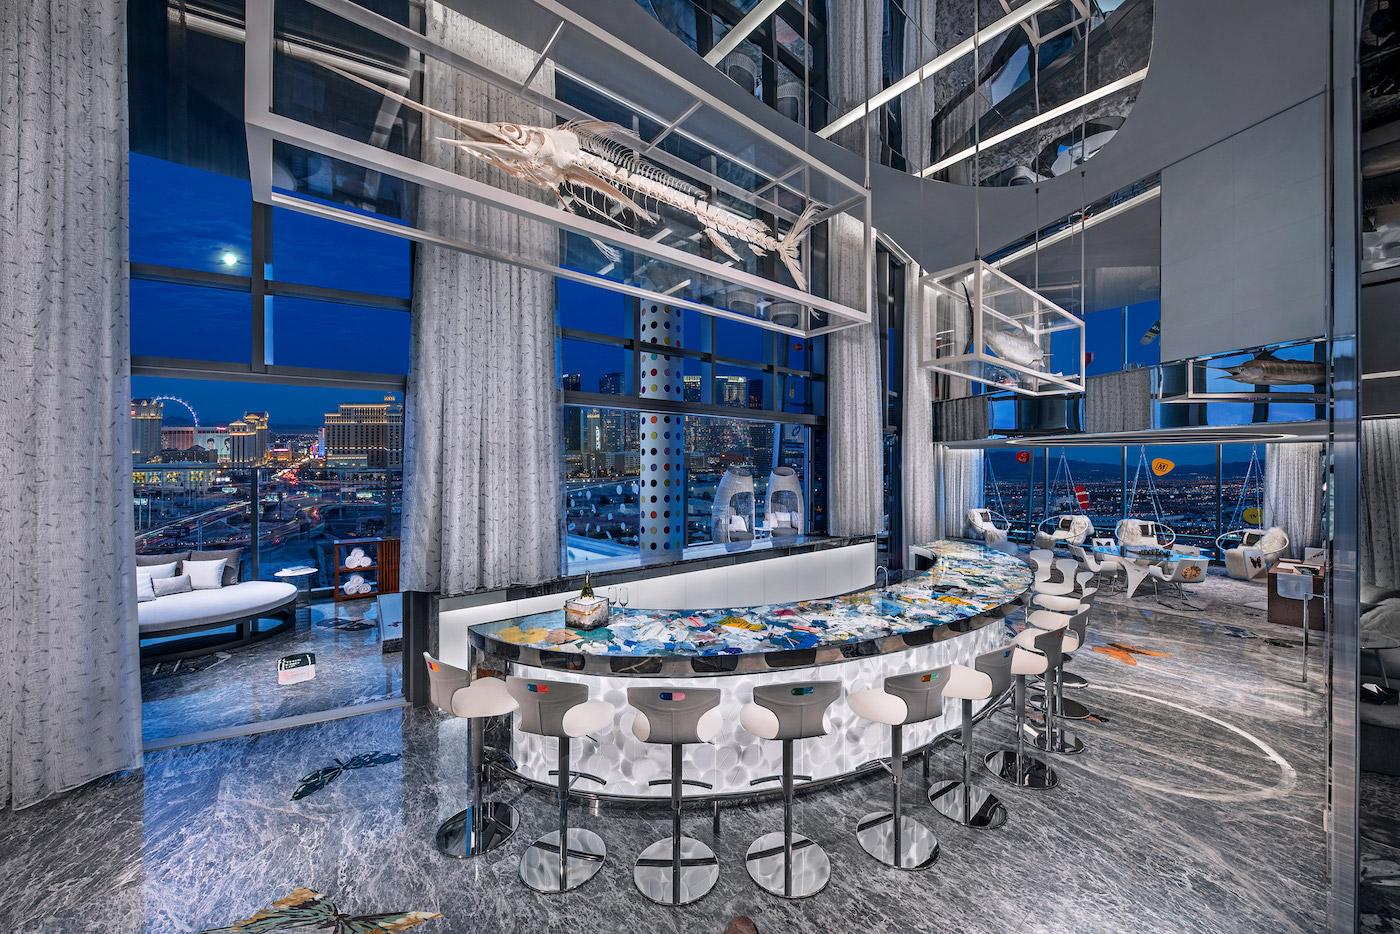 80.000 Dollar pro Nacht: Ein Blick in das teuerste Hotelzimmer der Welt 5